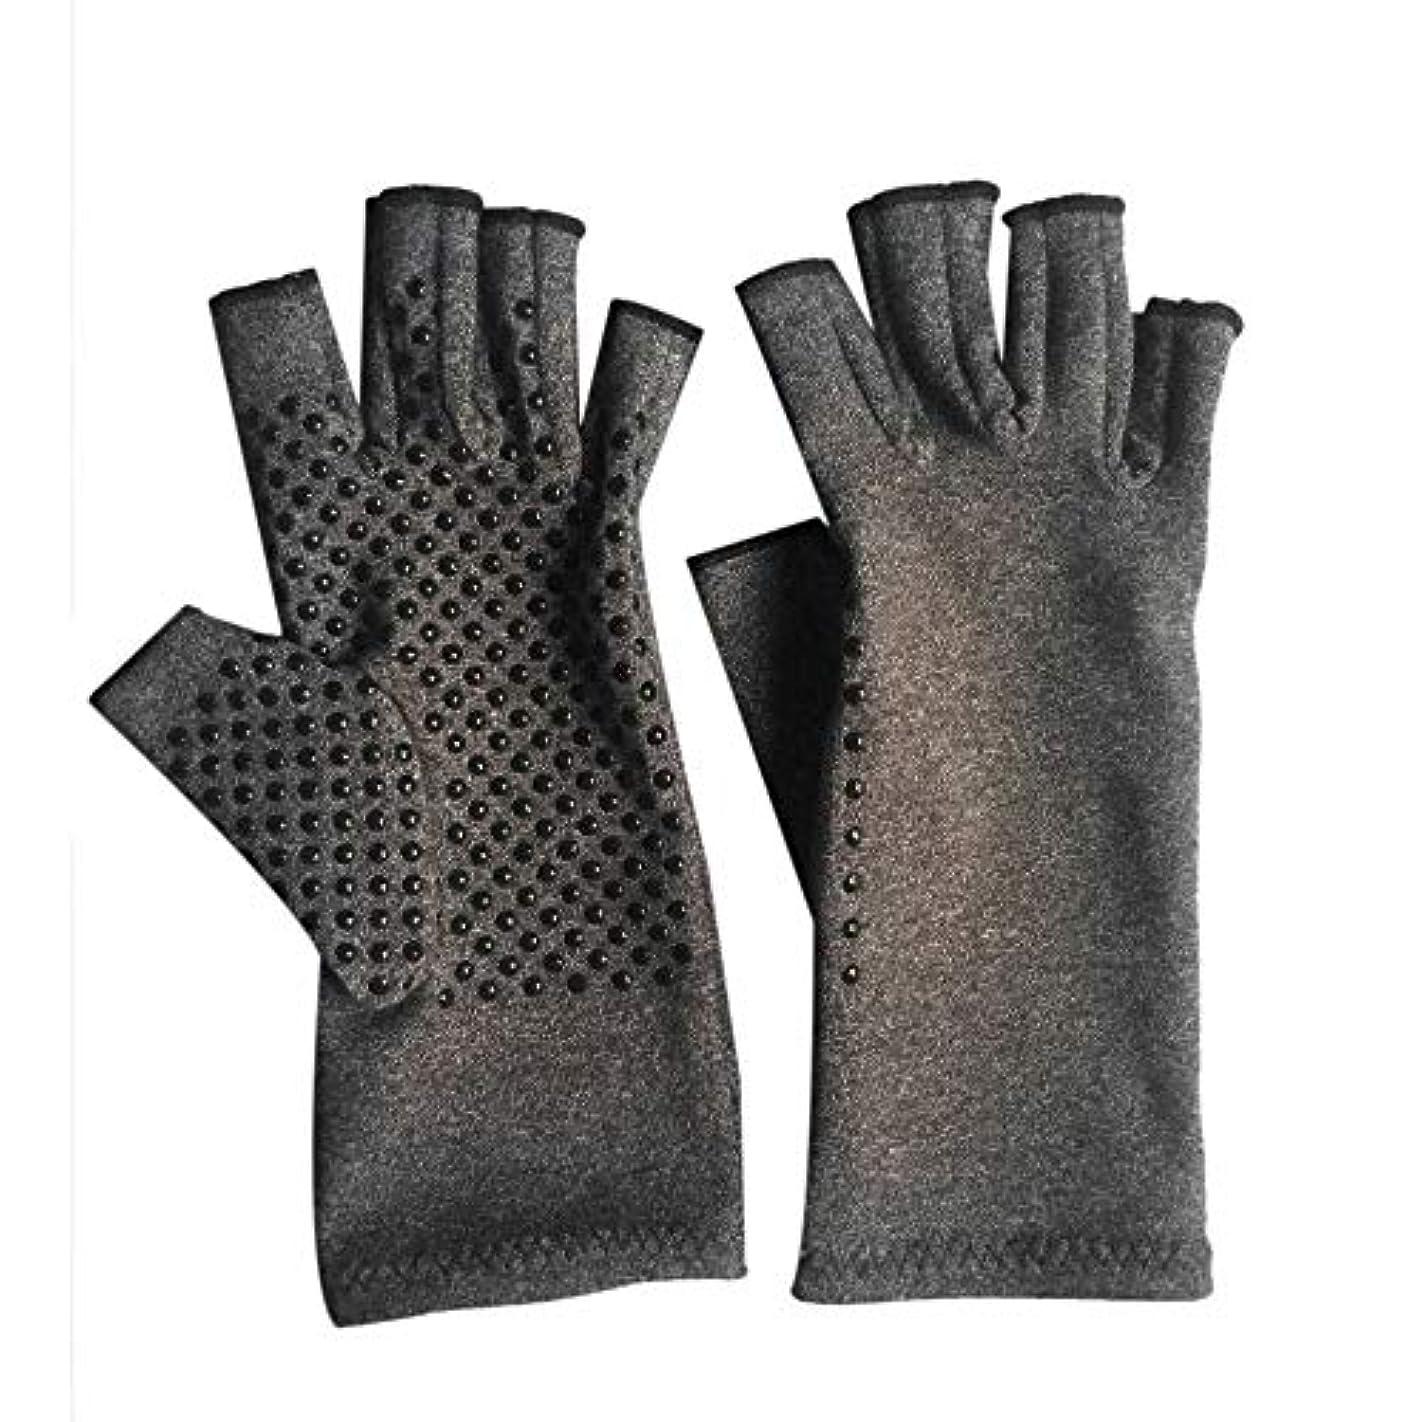 聡明いろいろこしょう1ペアユニセックス男性女性療法圧縮手袋関節炎関節痛緩和ヘルスケア半指手袋トレーニング手袋 - グレーM